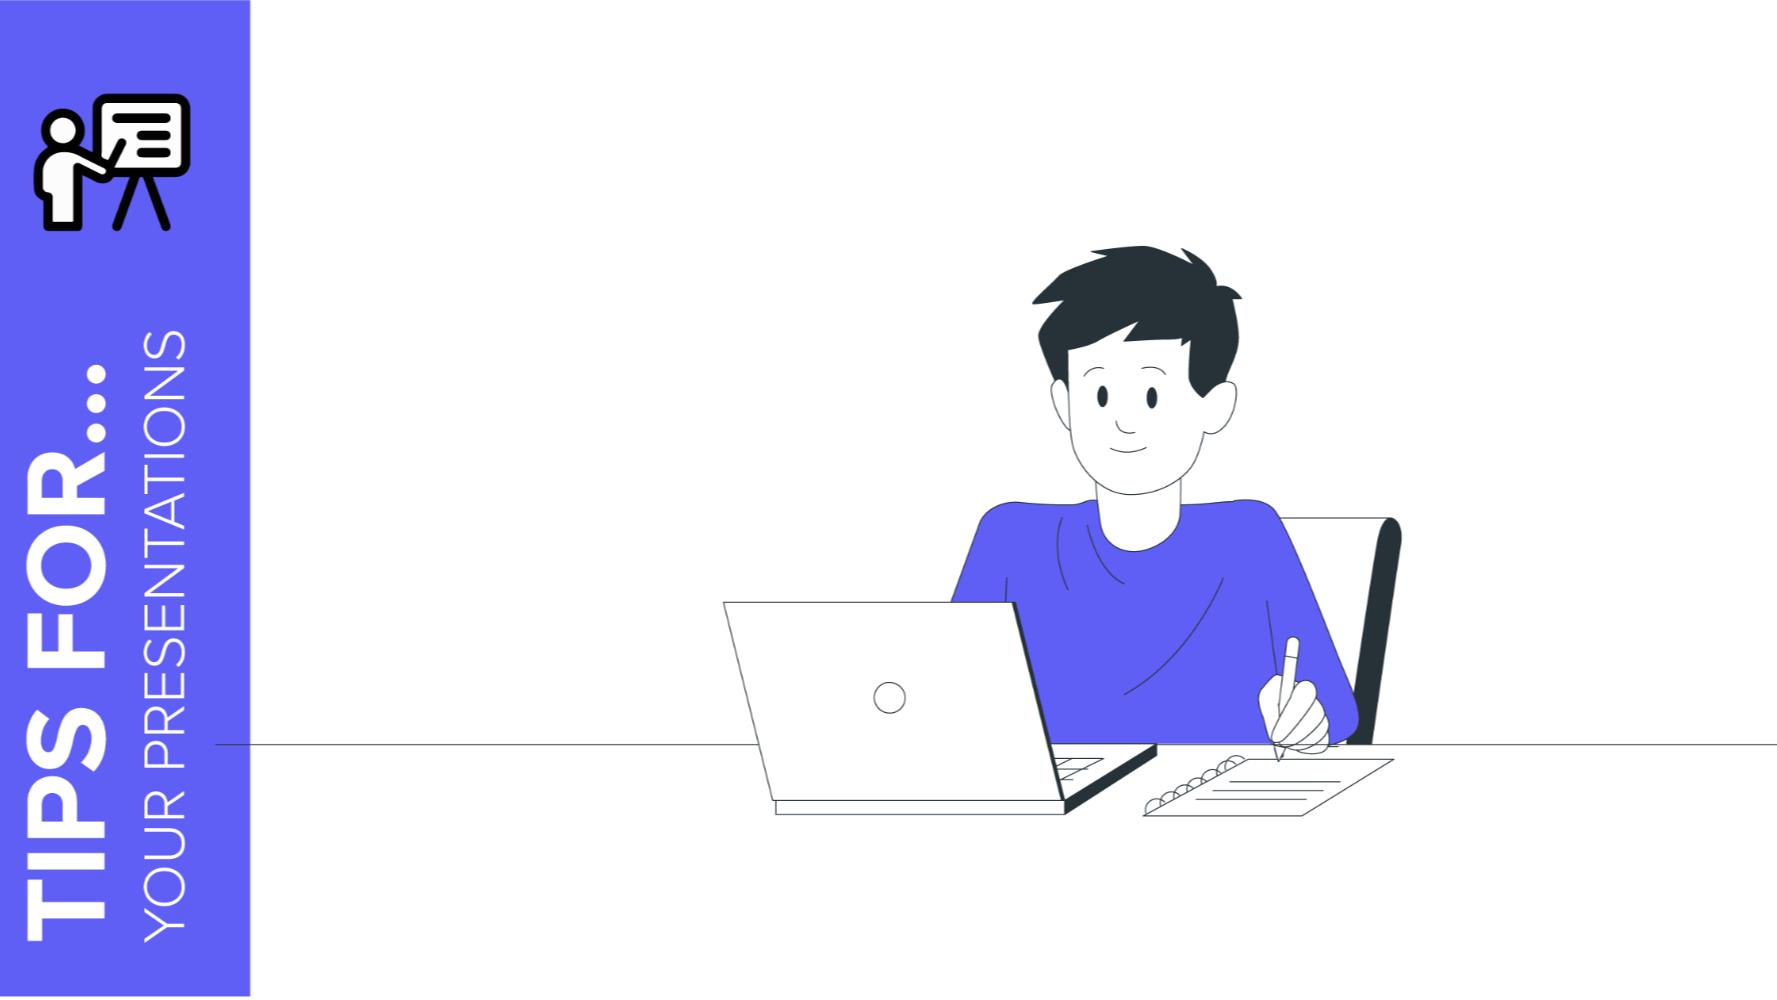 Créez des présentations attrayantes pour votre classe en ligne | Tutoriels et conseils pour vos présentations